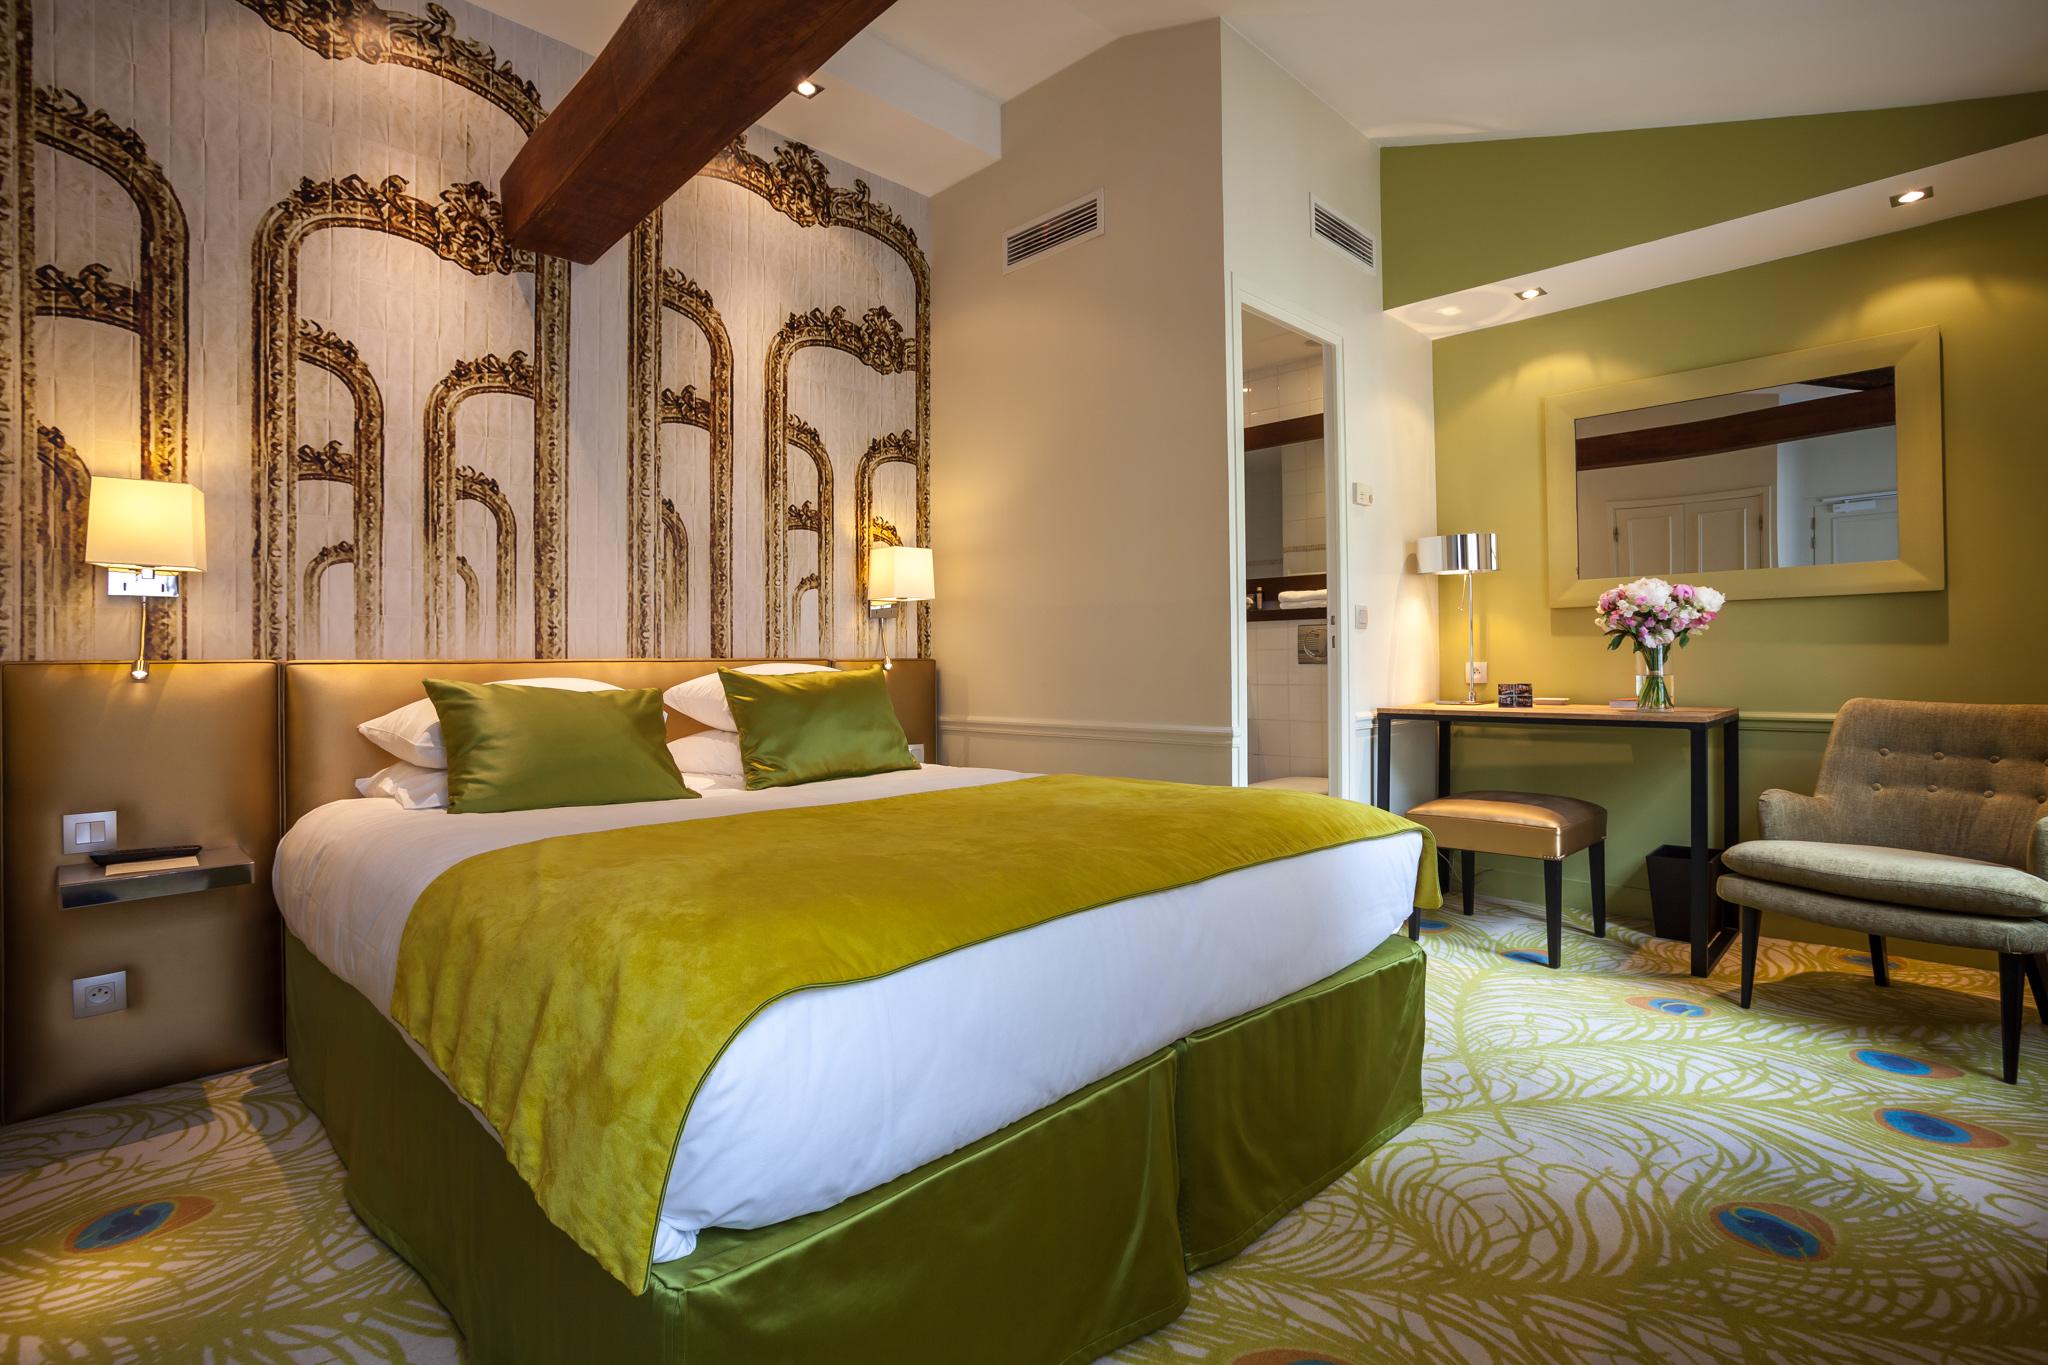 Chambre lit double décoration verte et dorée